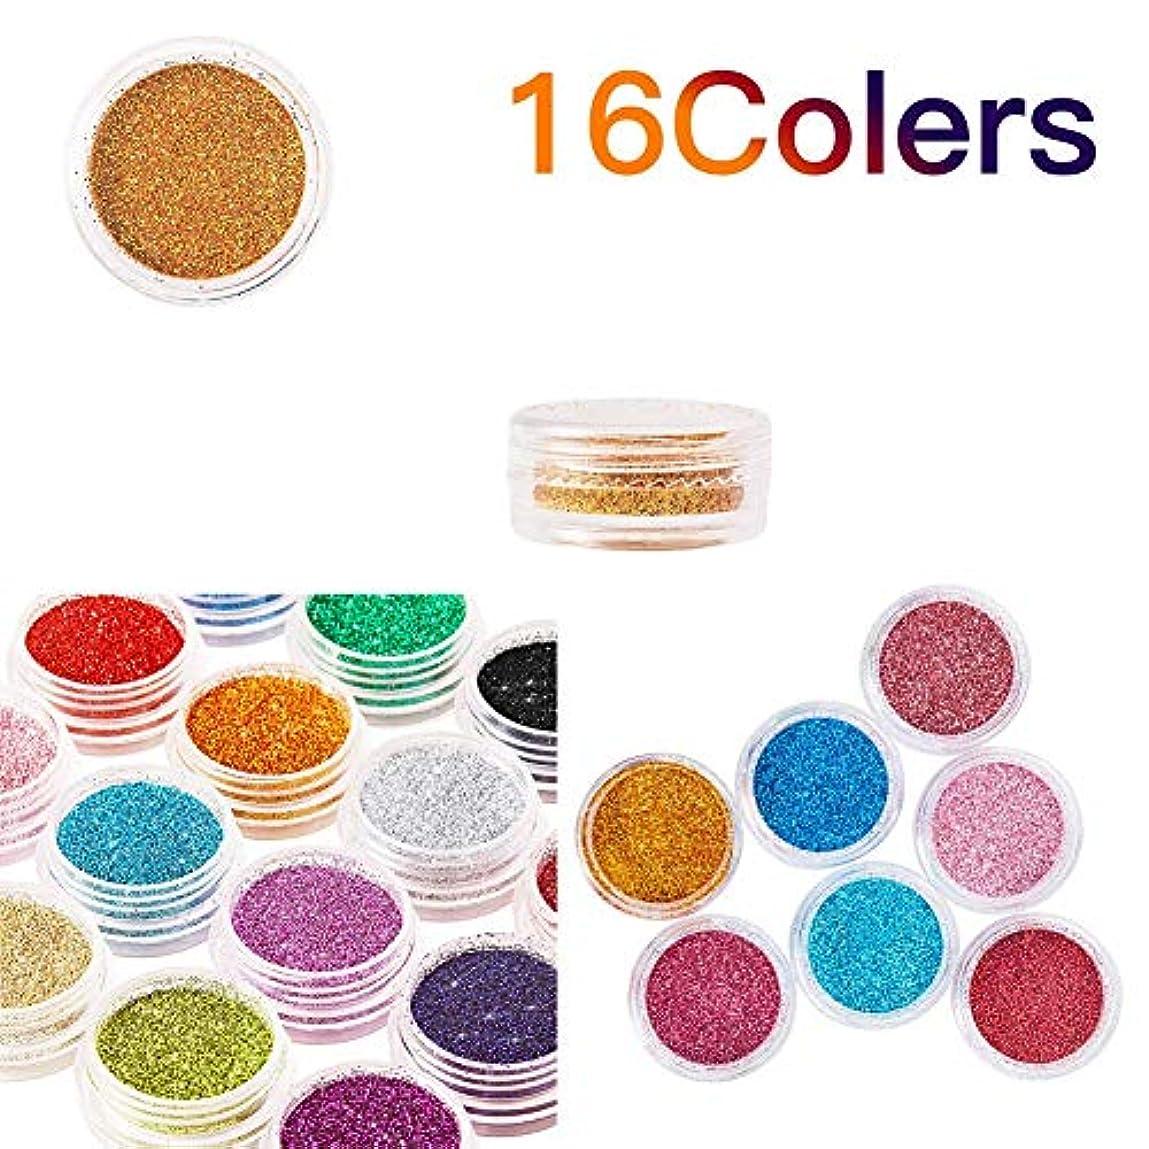 弾丸インターネット塗抹16色グリッターネイルスパンコールパウダー、シマーダストパウダーデコレーション、化粧品グリッターミネラルアイシャドウアイメイクシャドウ顔料パウダー